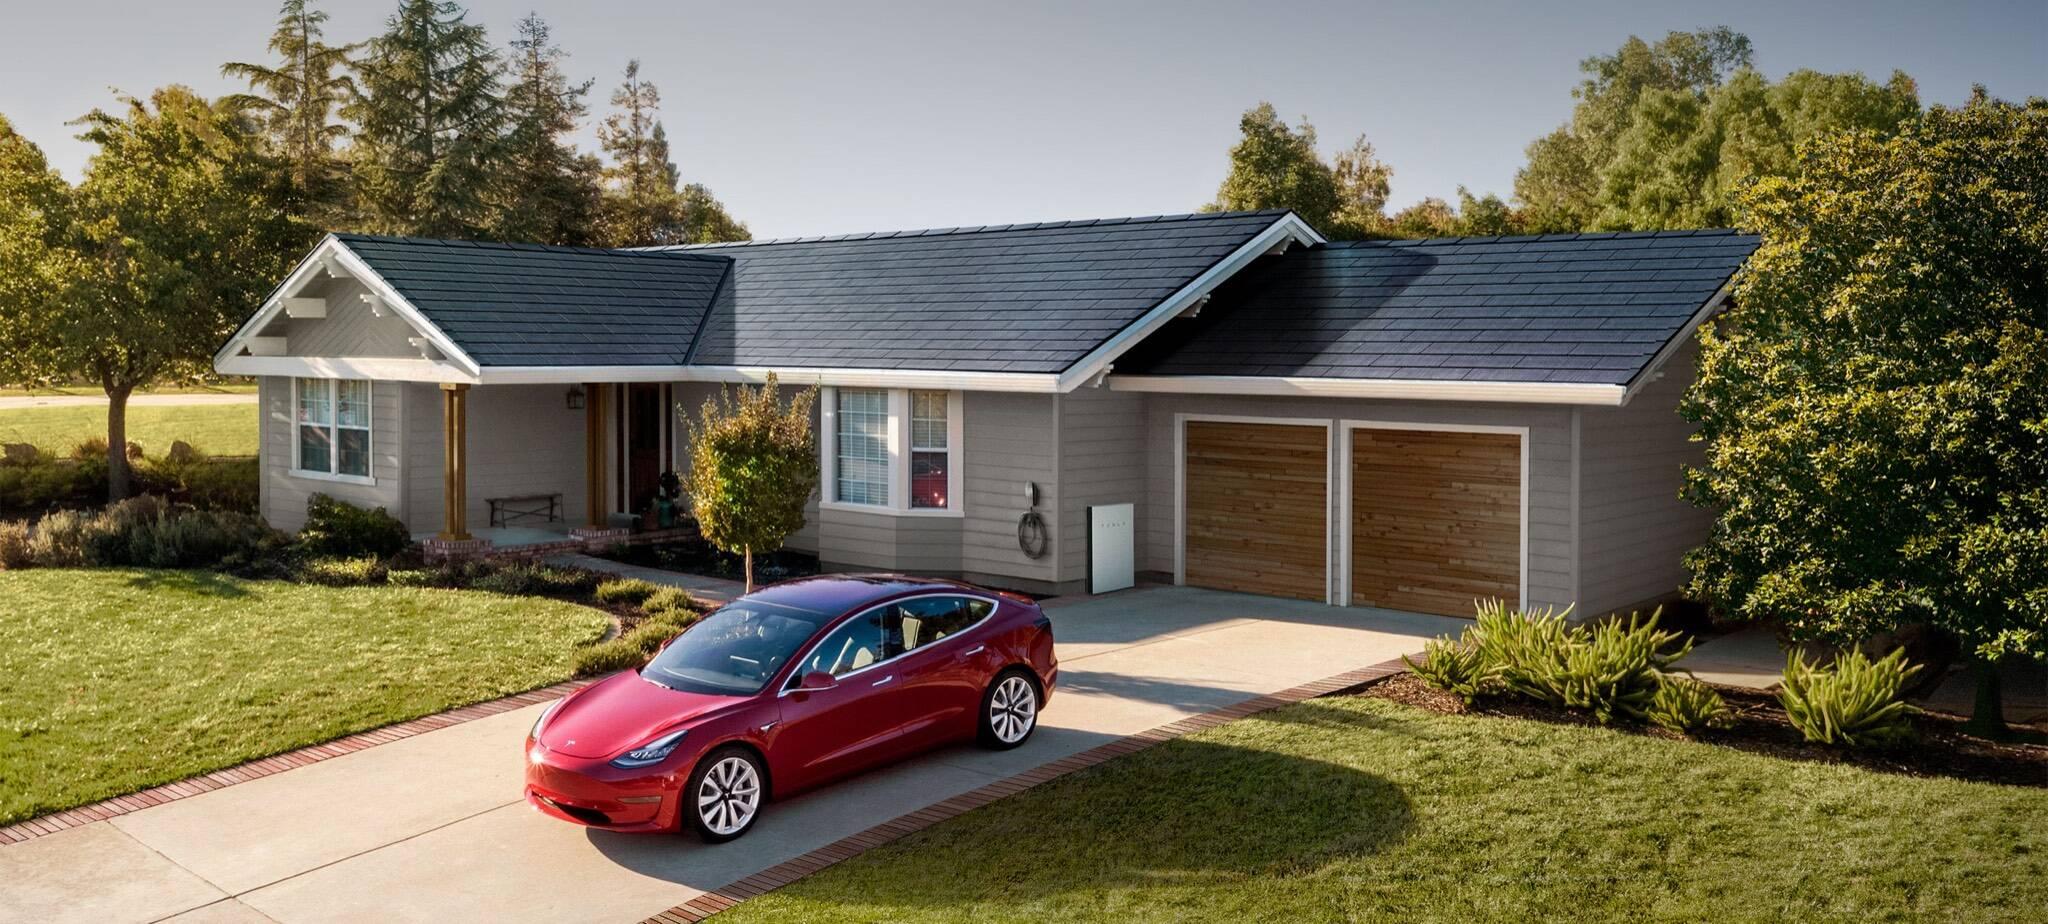 Tesla, il Powerwall si potrà acquistare solo con l'impianto fotovoltaico